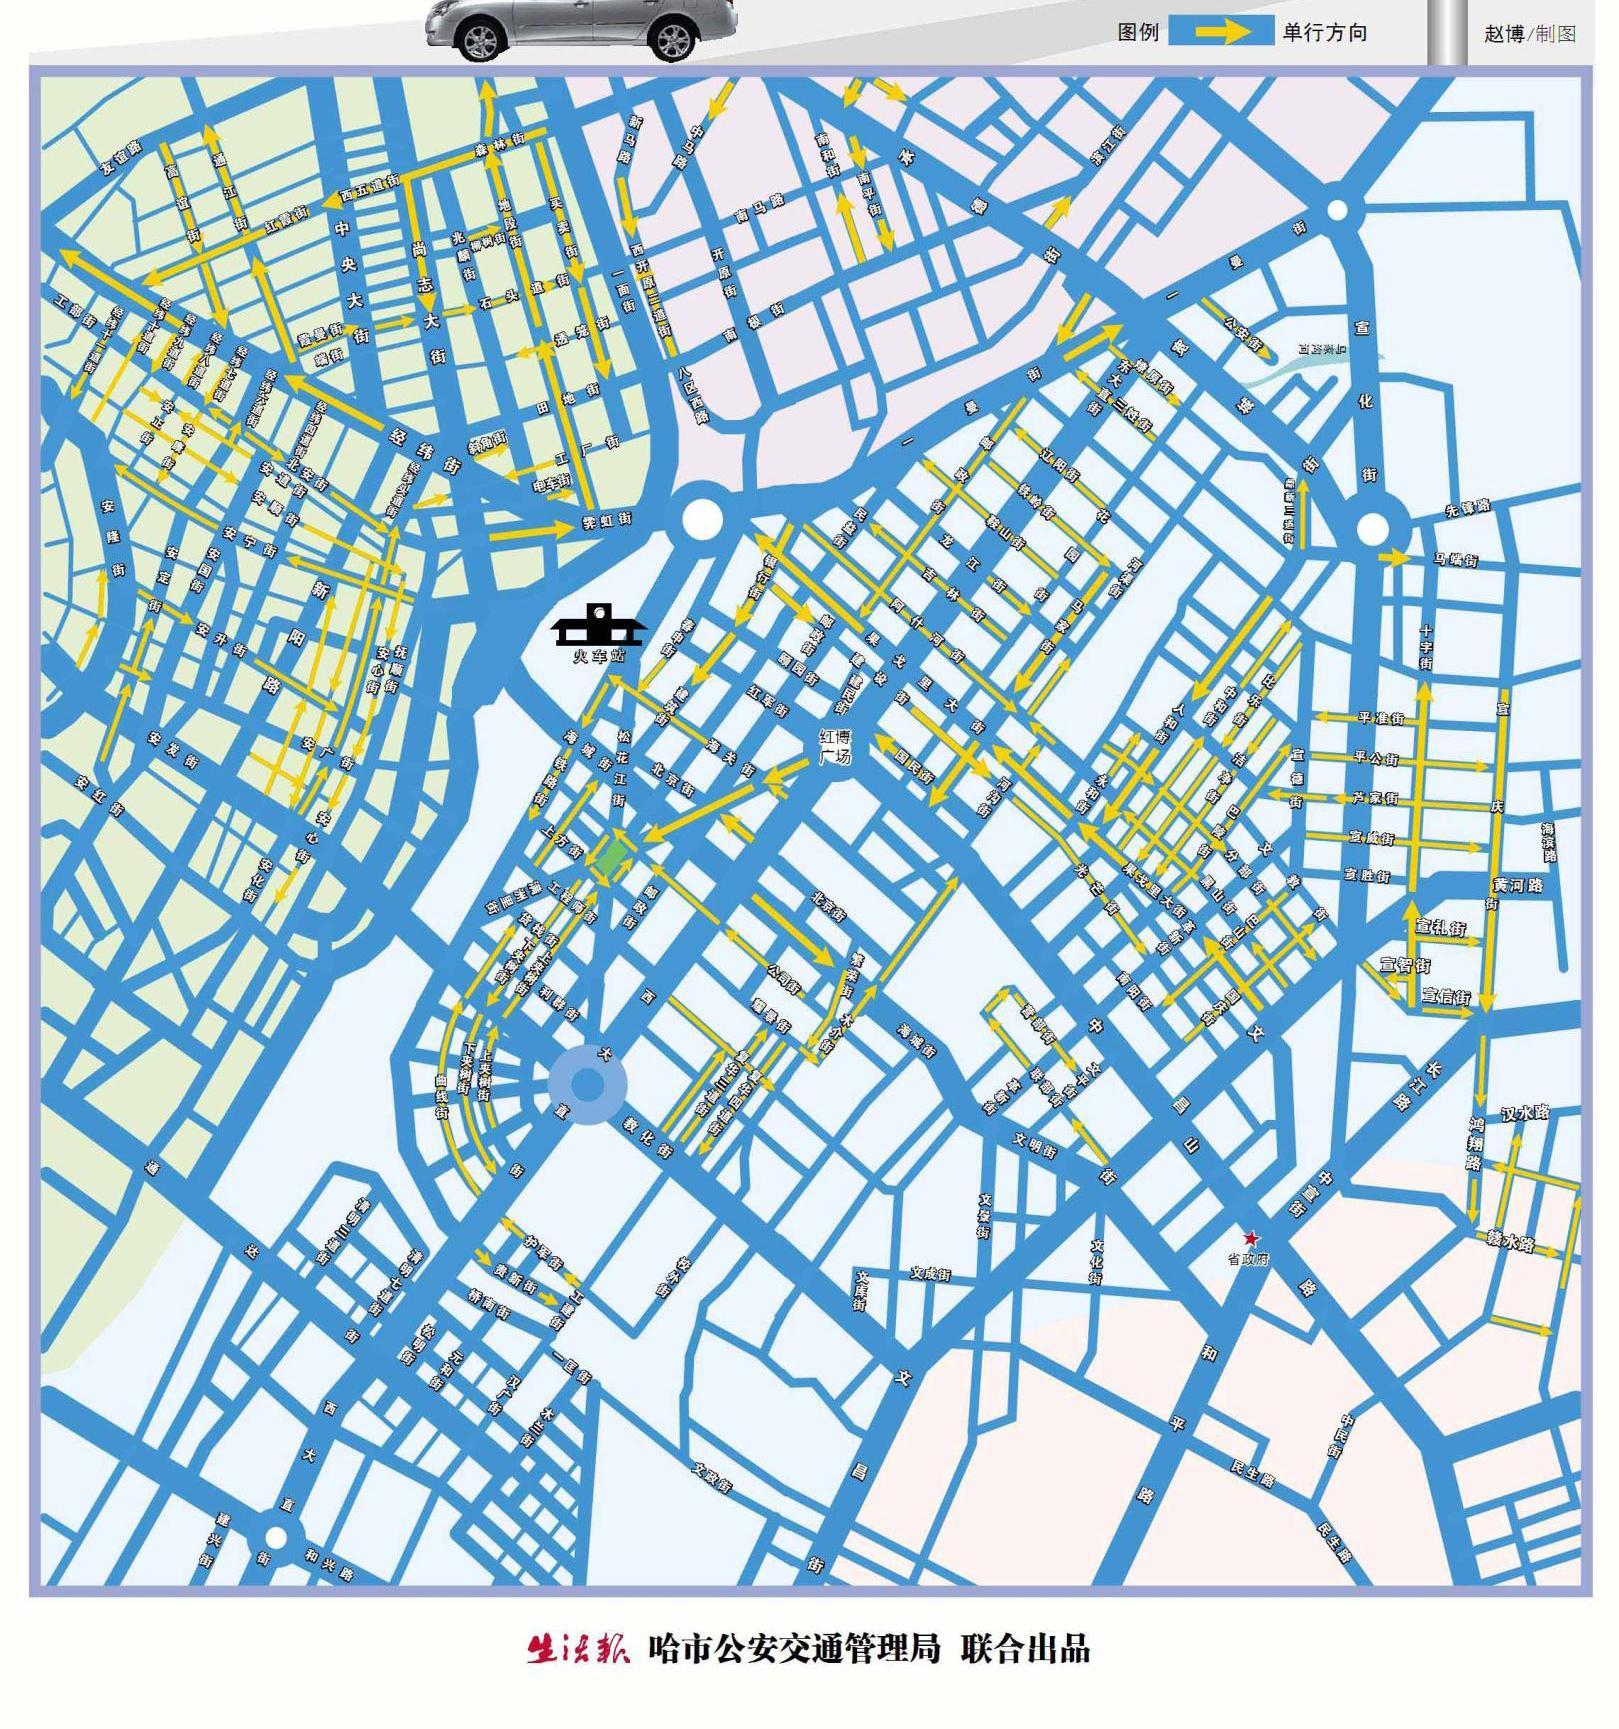 3月份,哈市私家车主梁女士因多次误入单行道,被交警劝阻三次,还有两次被摄录处罚,仅此一项就扣了6分。记者从交警部门了解到,执勤民警几乎每天都能遇到驾驶人误入单行道的情况。而从2014年至目前,哈市新增单行道一共23条,目前哈市城区单行道为210条(详见生活报网www.